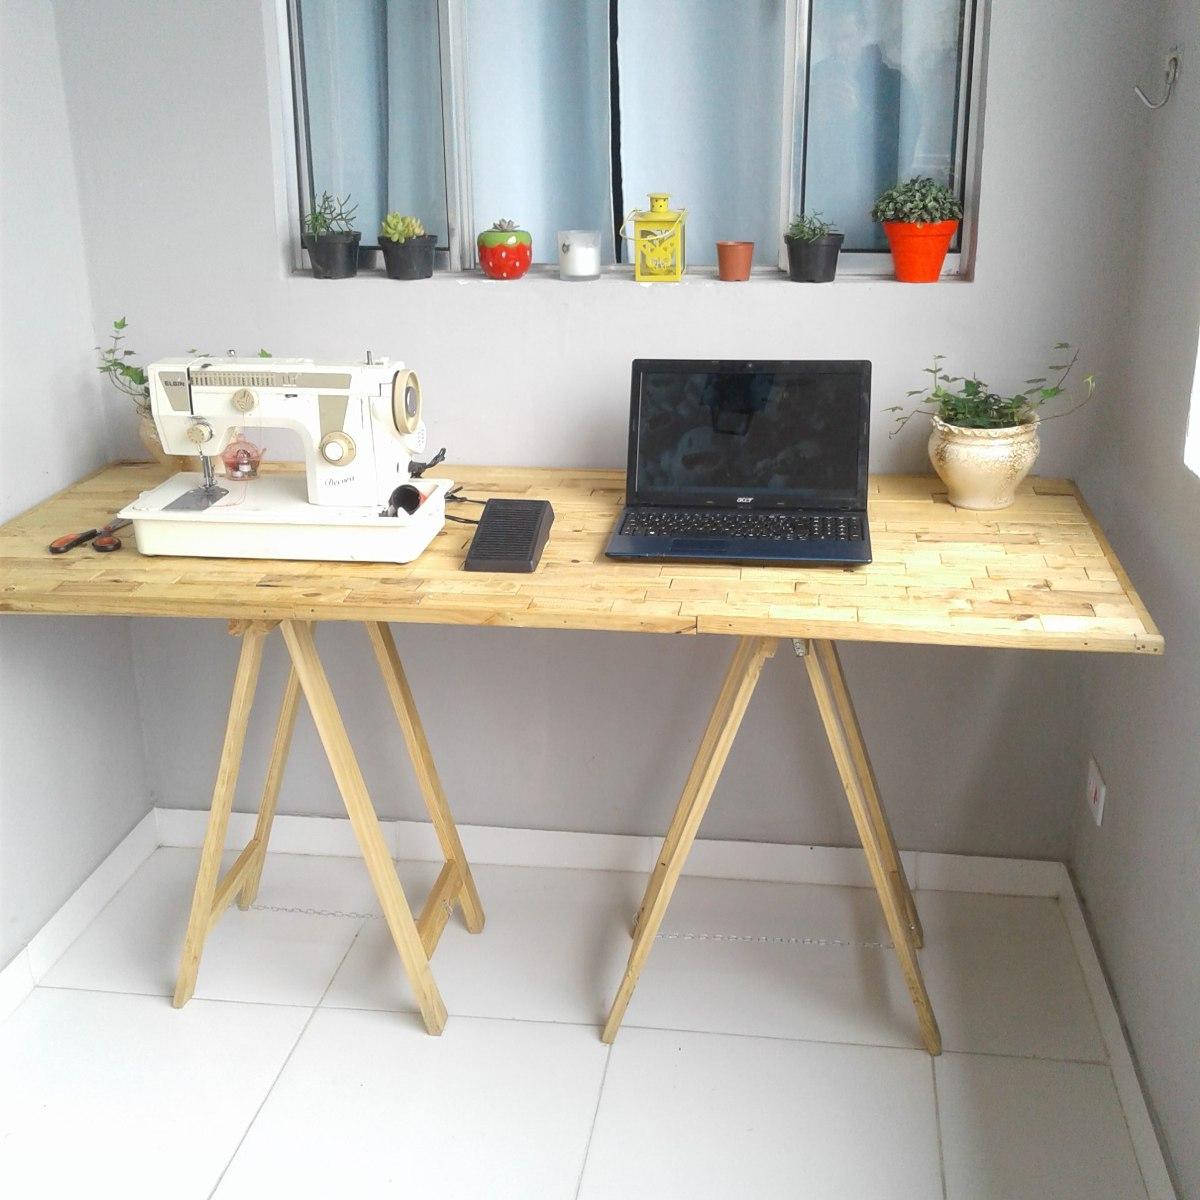 Kit 2 cavalete de madeira mesa escrit rio 50 x 80 promo o for Modelos de mesas cuadradas